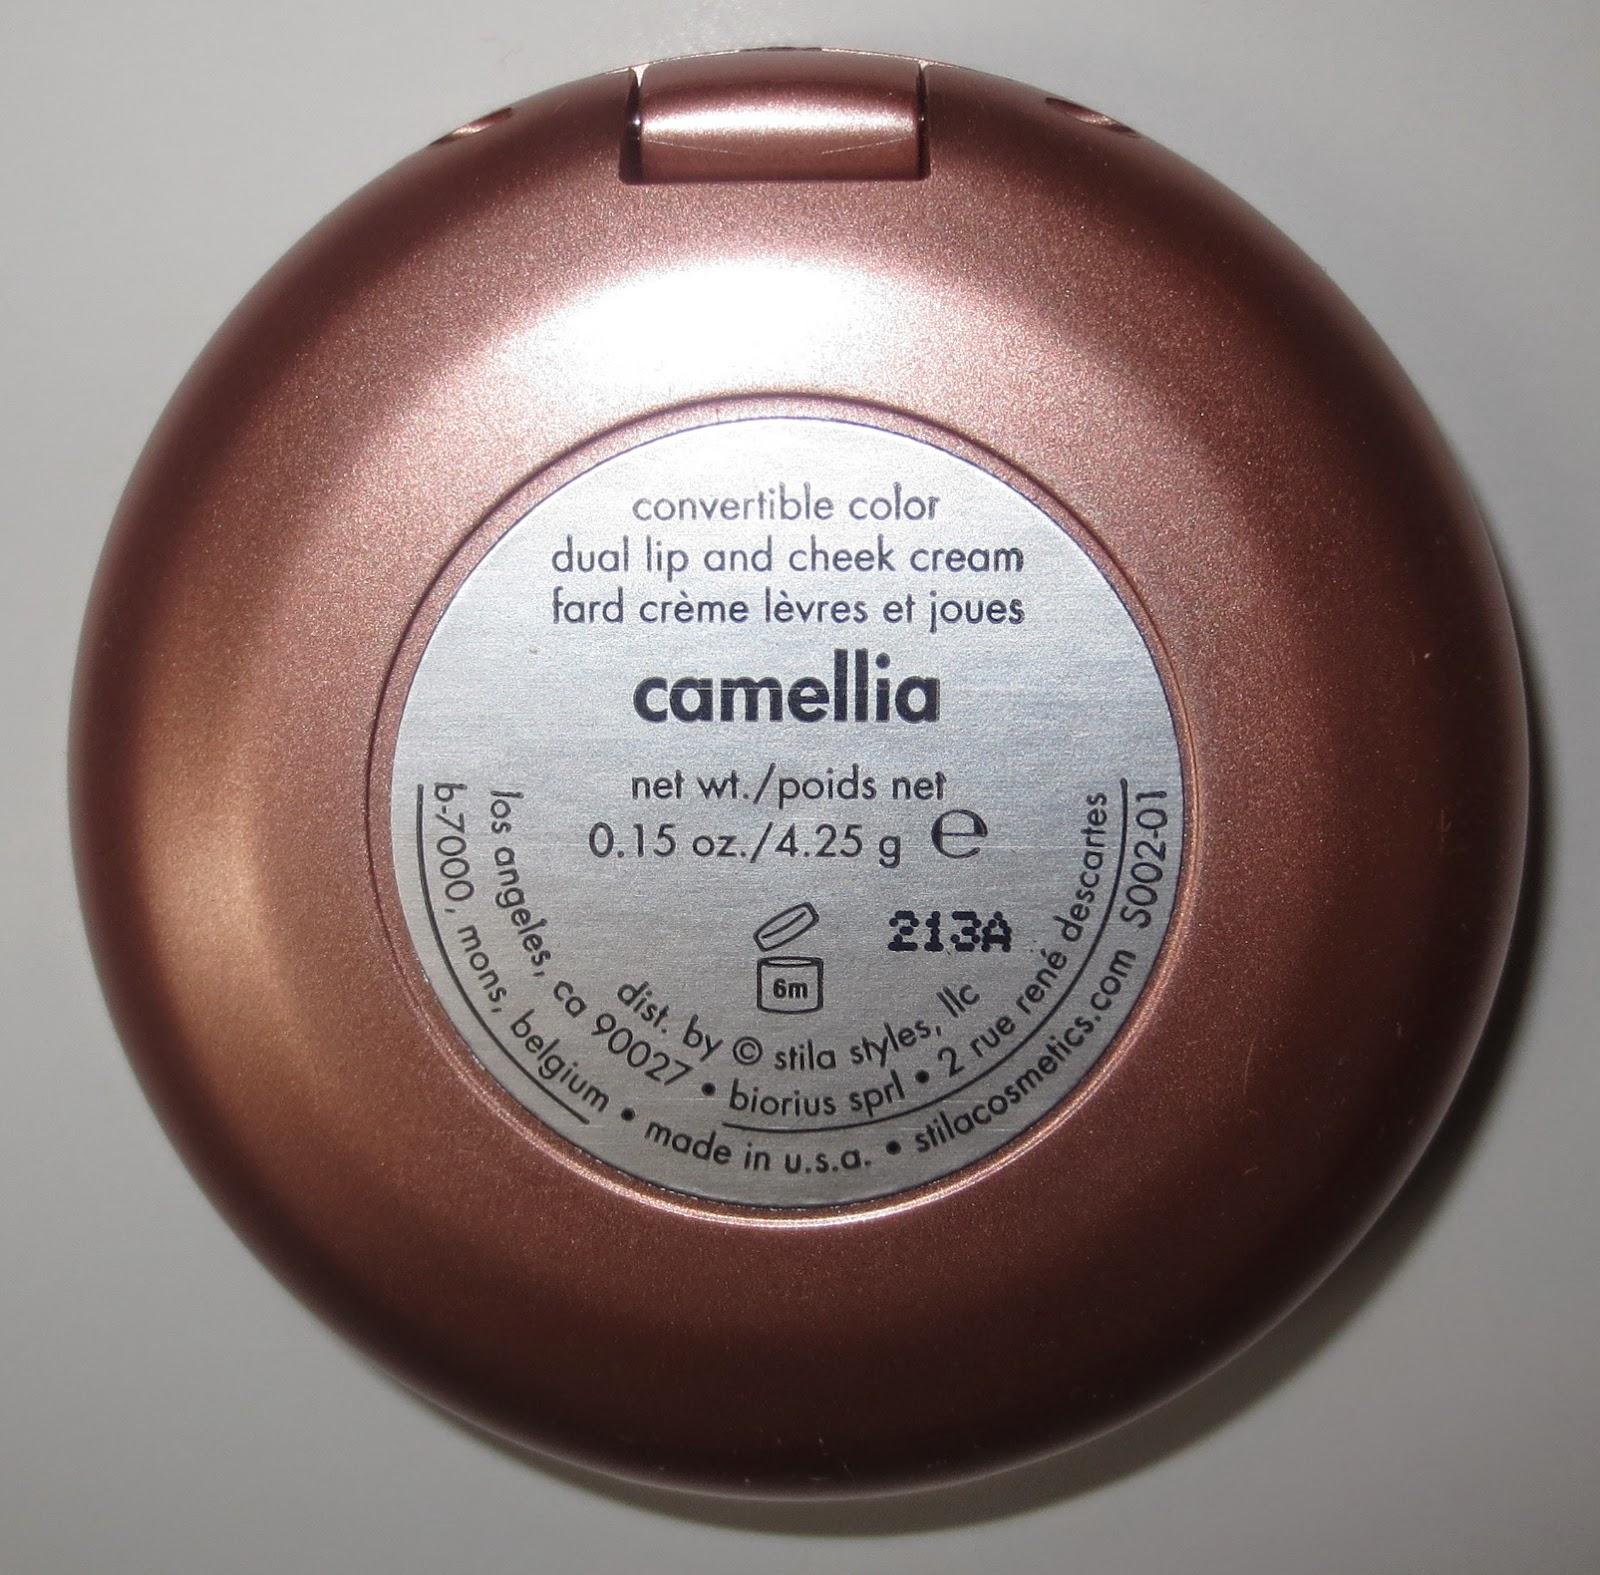 Stila Convertible Color in Camellia Label